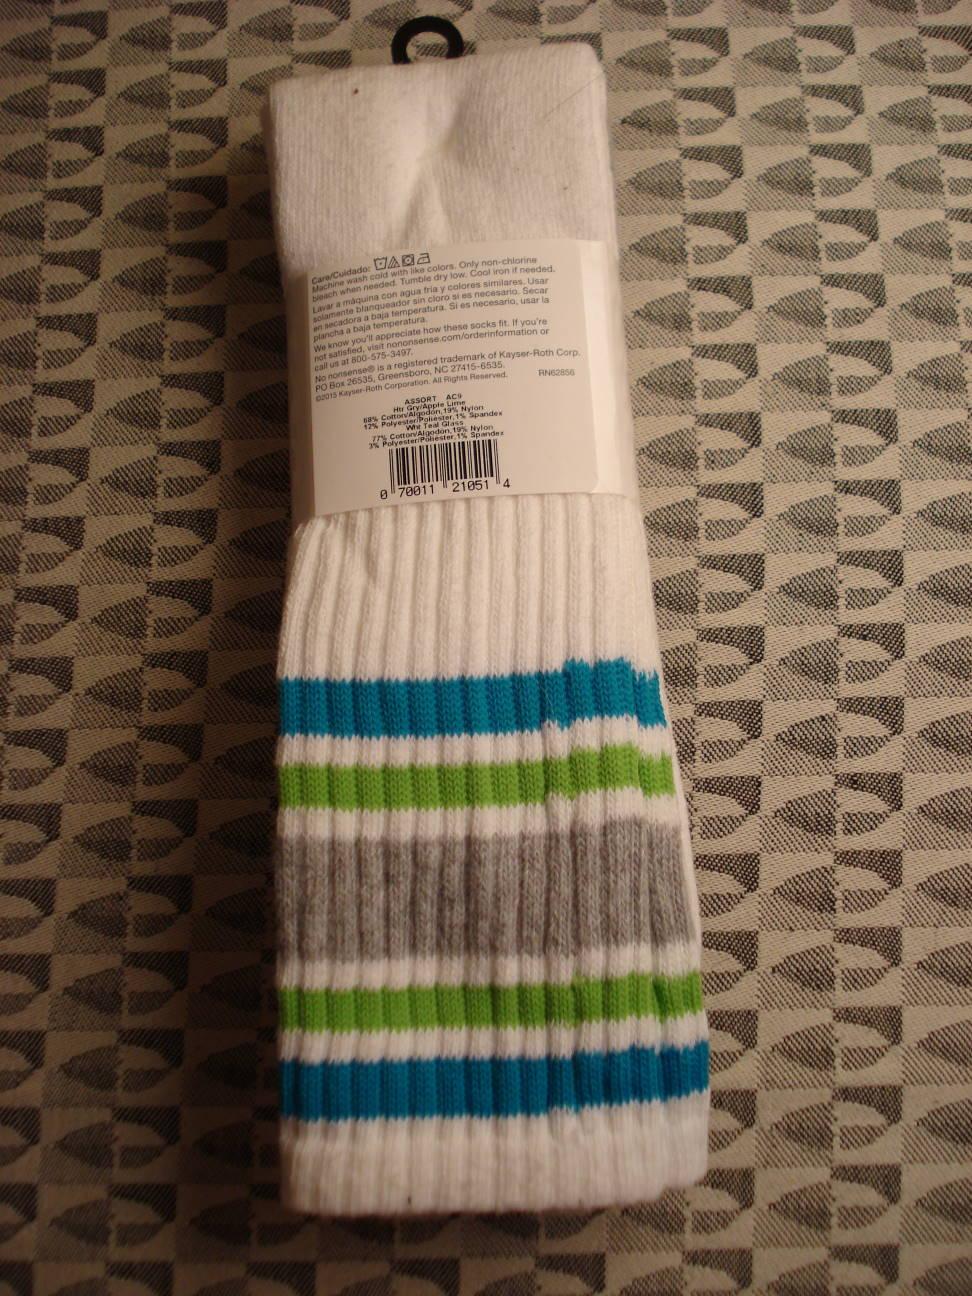 Tube Socks for When You're Feeling Post-Revolutionary